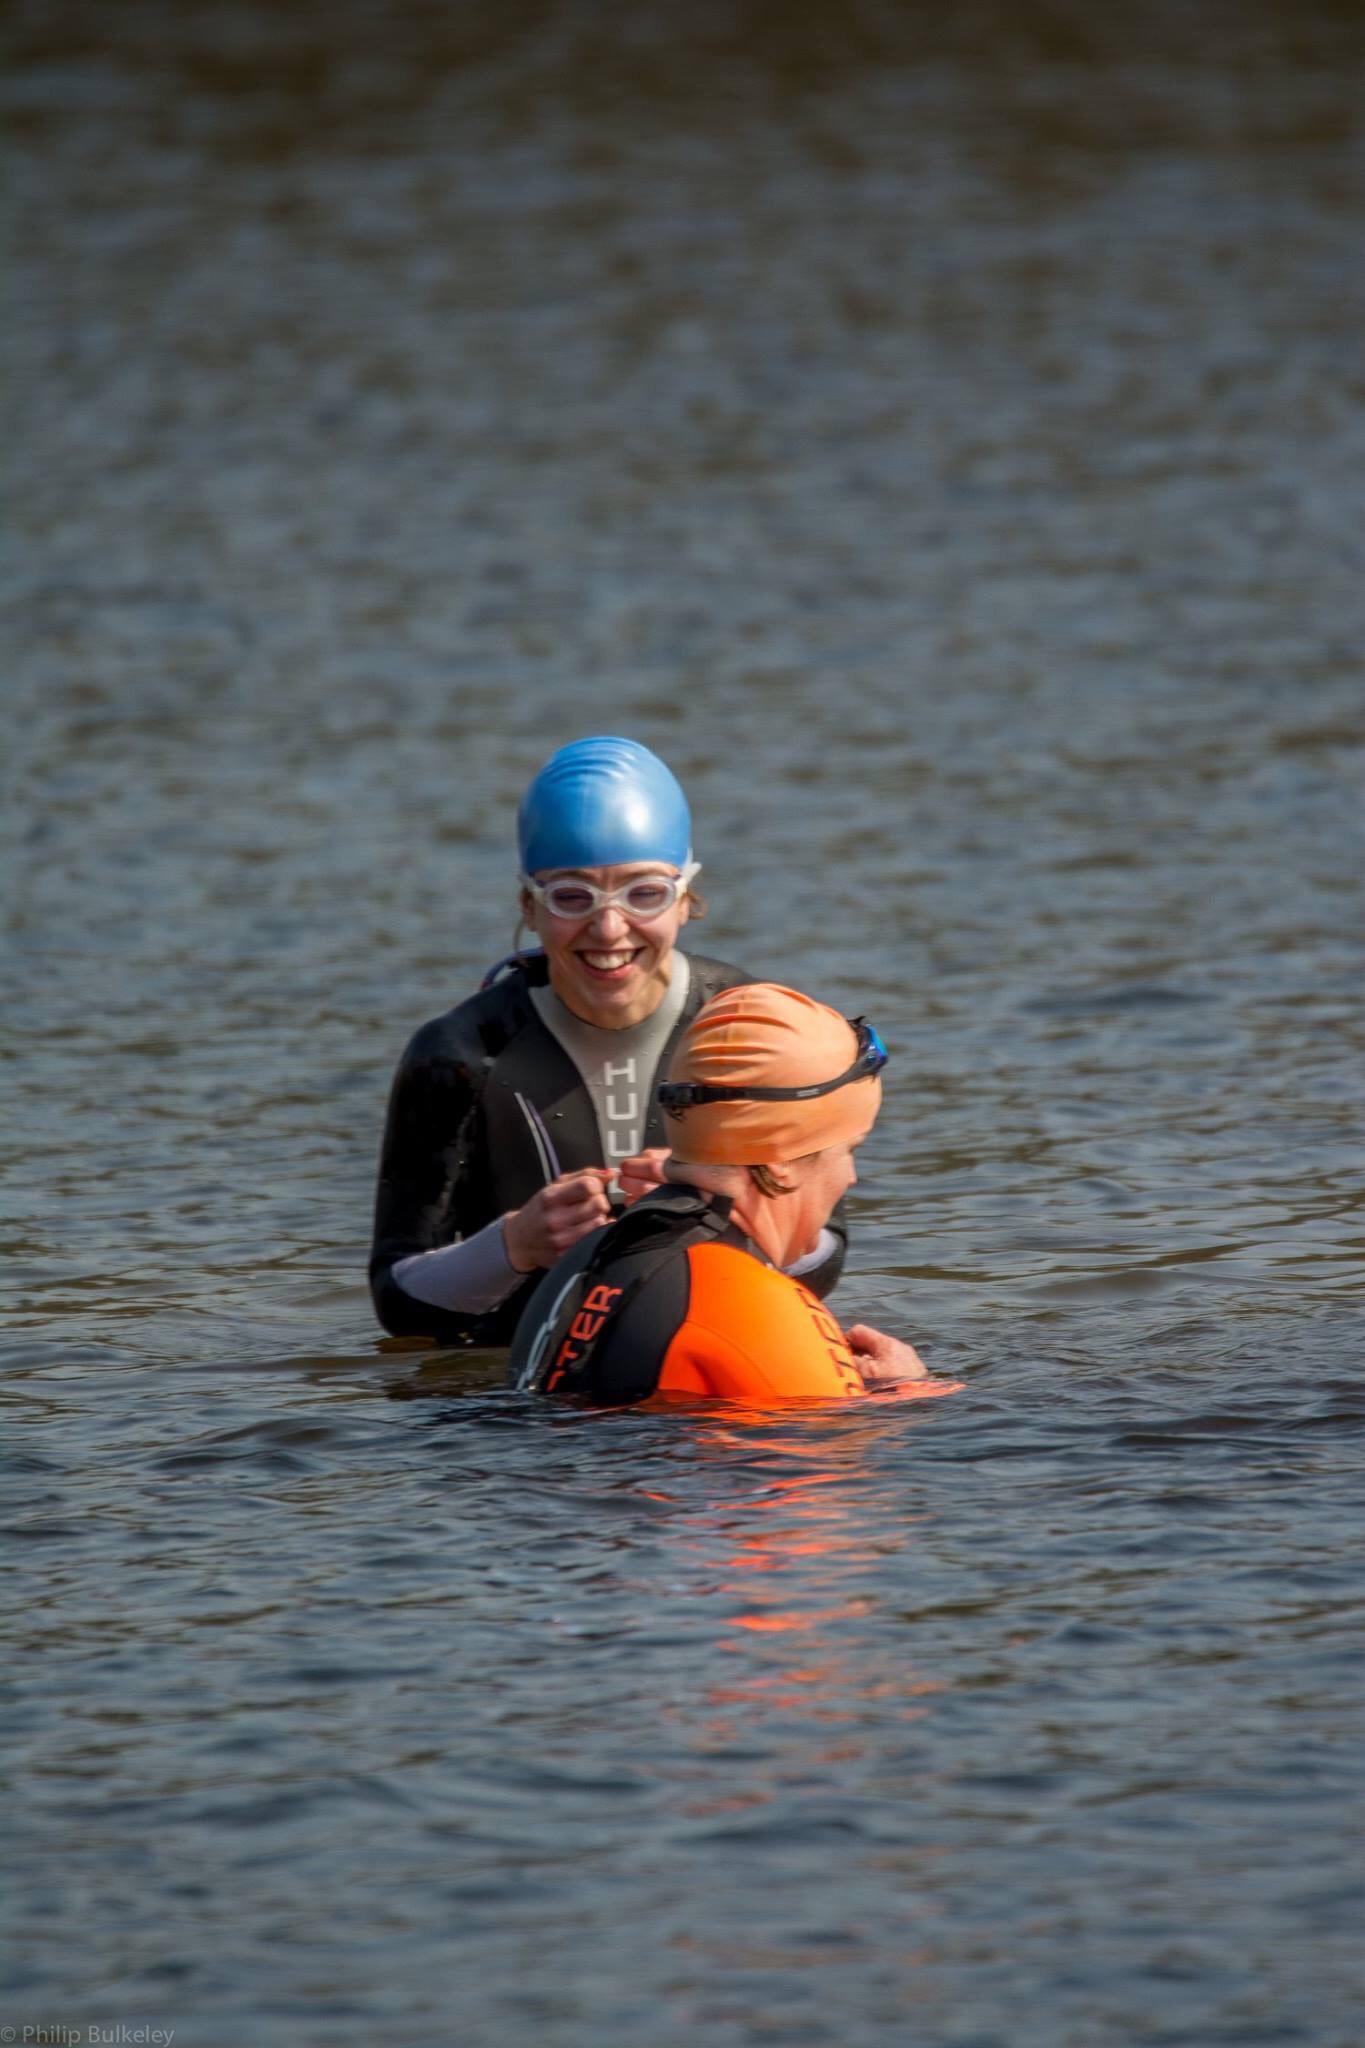 Swimming in Alderford Lake